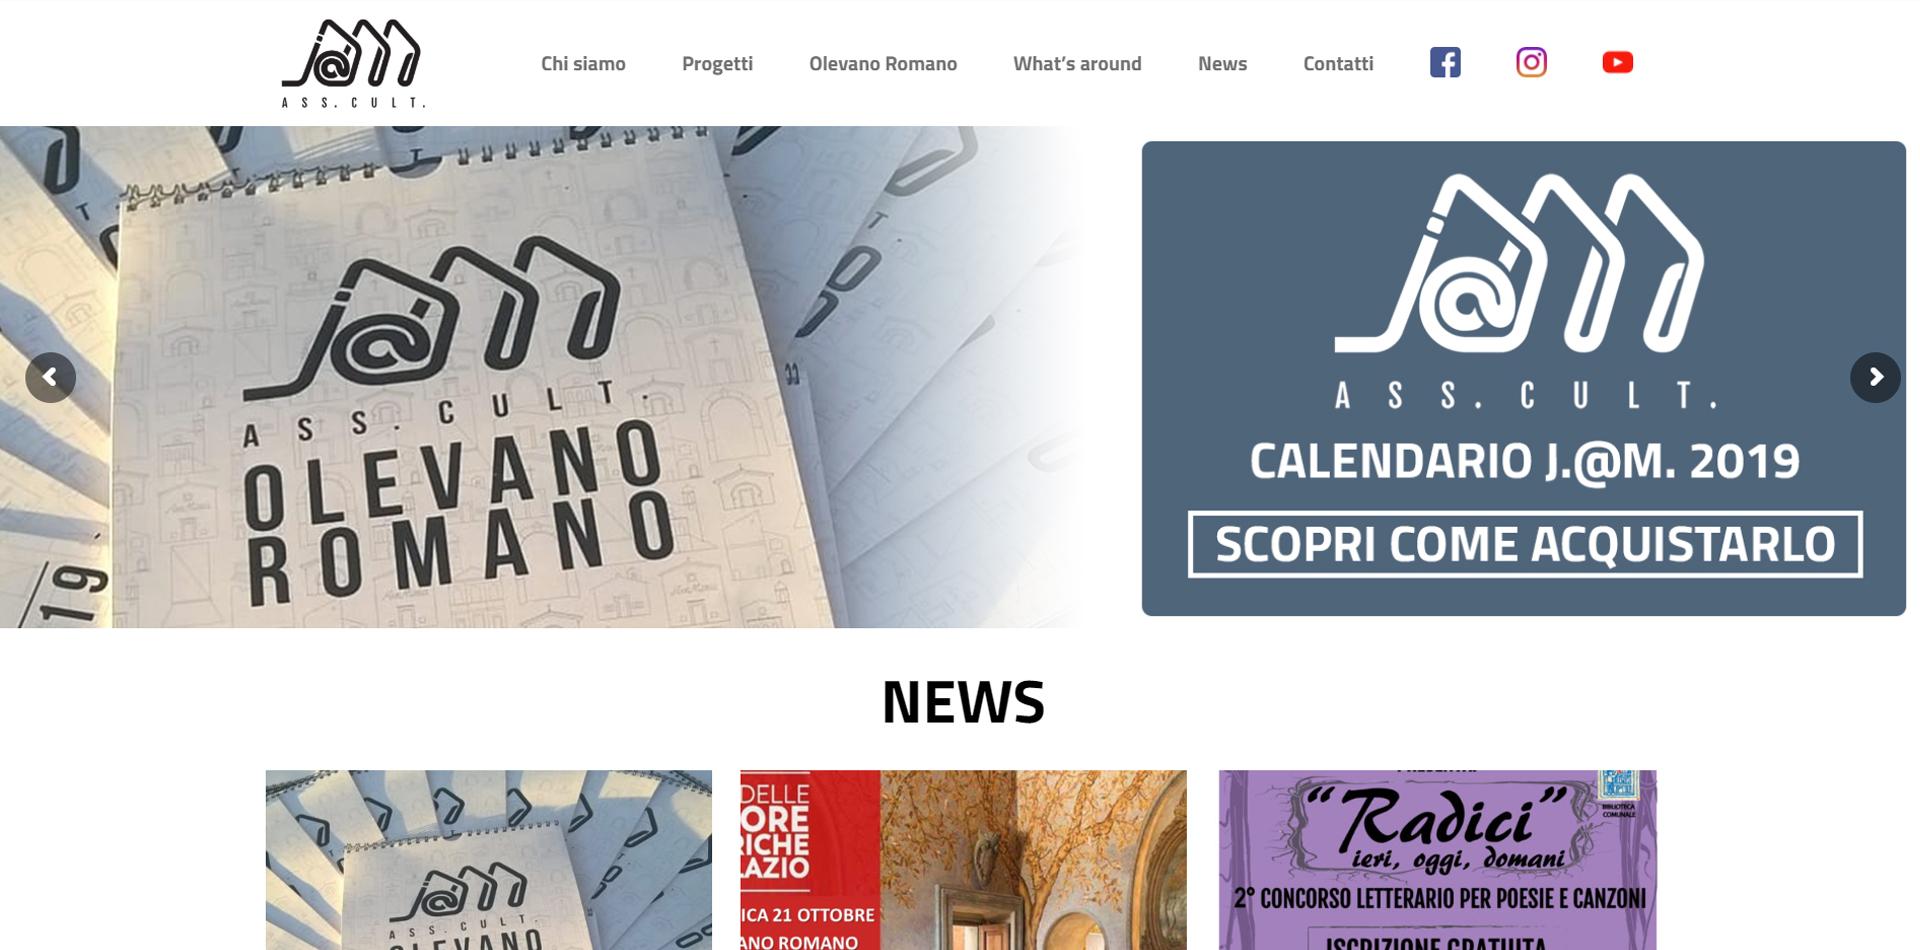 Associazione J.@.M. - Jeanzilla - Gianluca De Bianchi